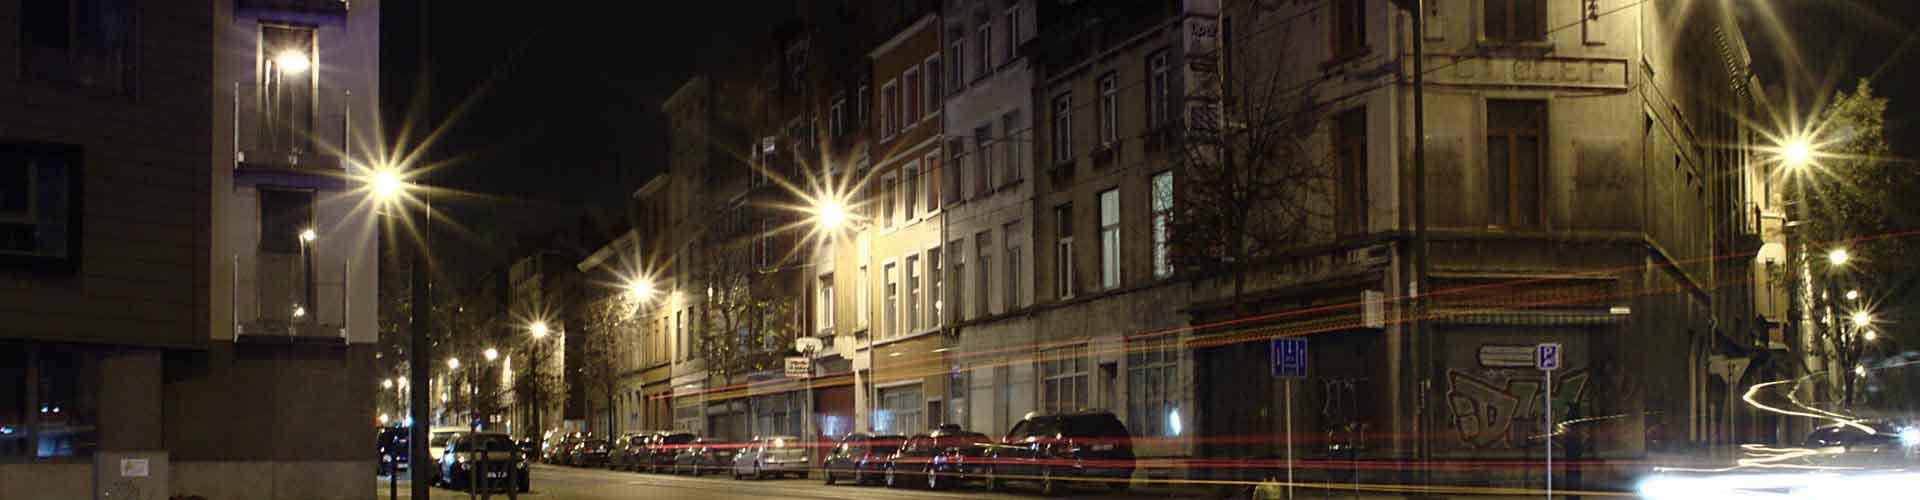 Bruxelas – Albergues no bairro de Molenbeek-Saint-Jean . Mapas para Bruxelas, Fotos e Avaliações para cada Albergue em Bruxelas.